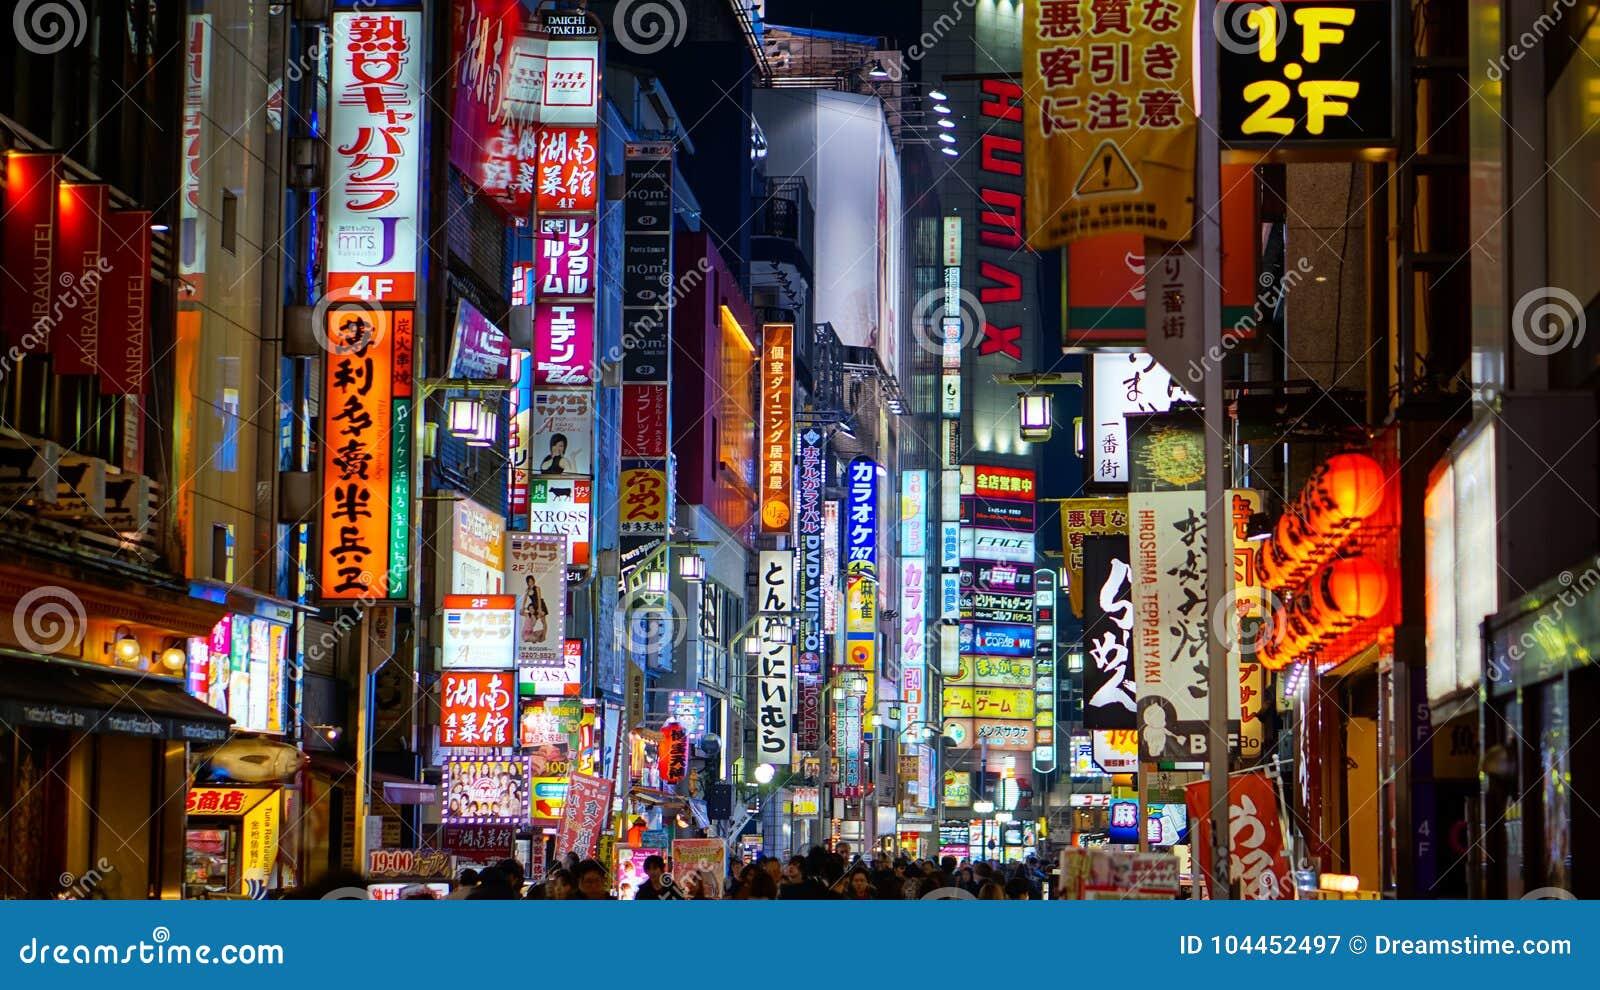 Listopad 8, 2017: Iluminujący znaki przy Kabukicho ulicy czerwonym światłem i billboardy